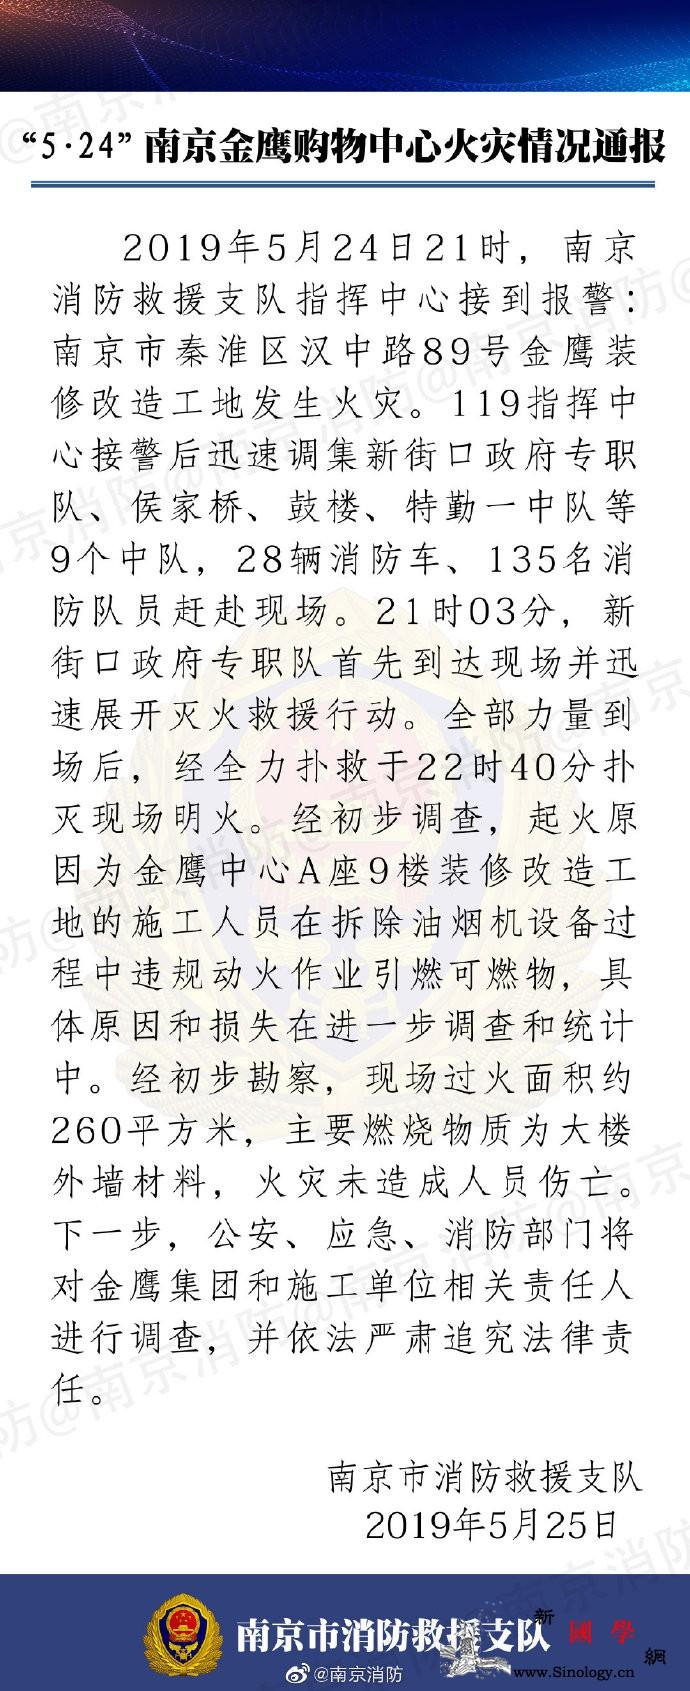 南京金鹰购物中心起火原因:施工人员违_动火-南京-金鹰-